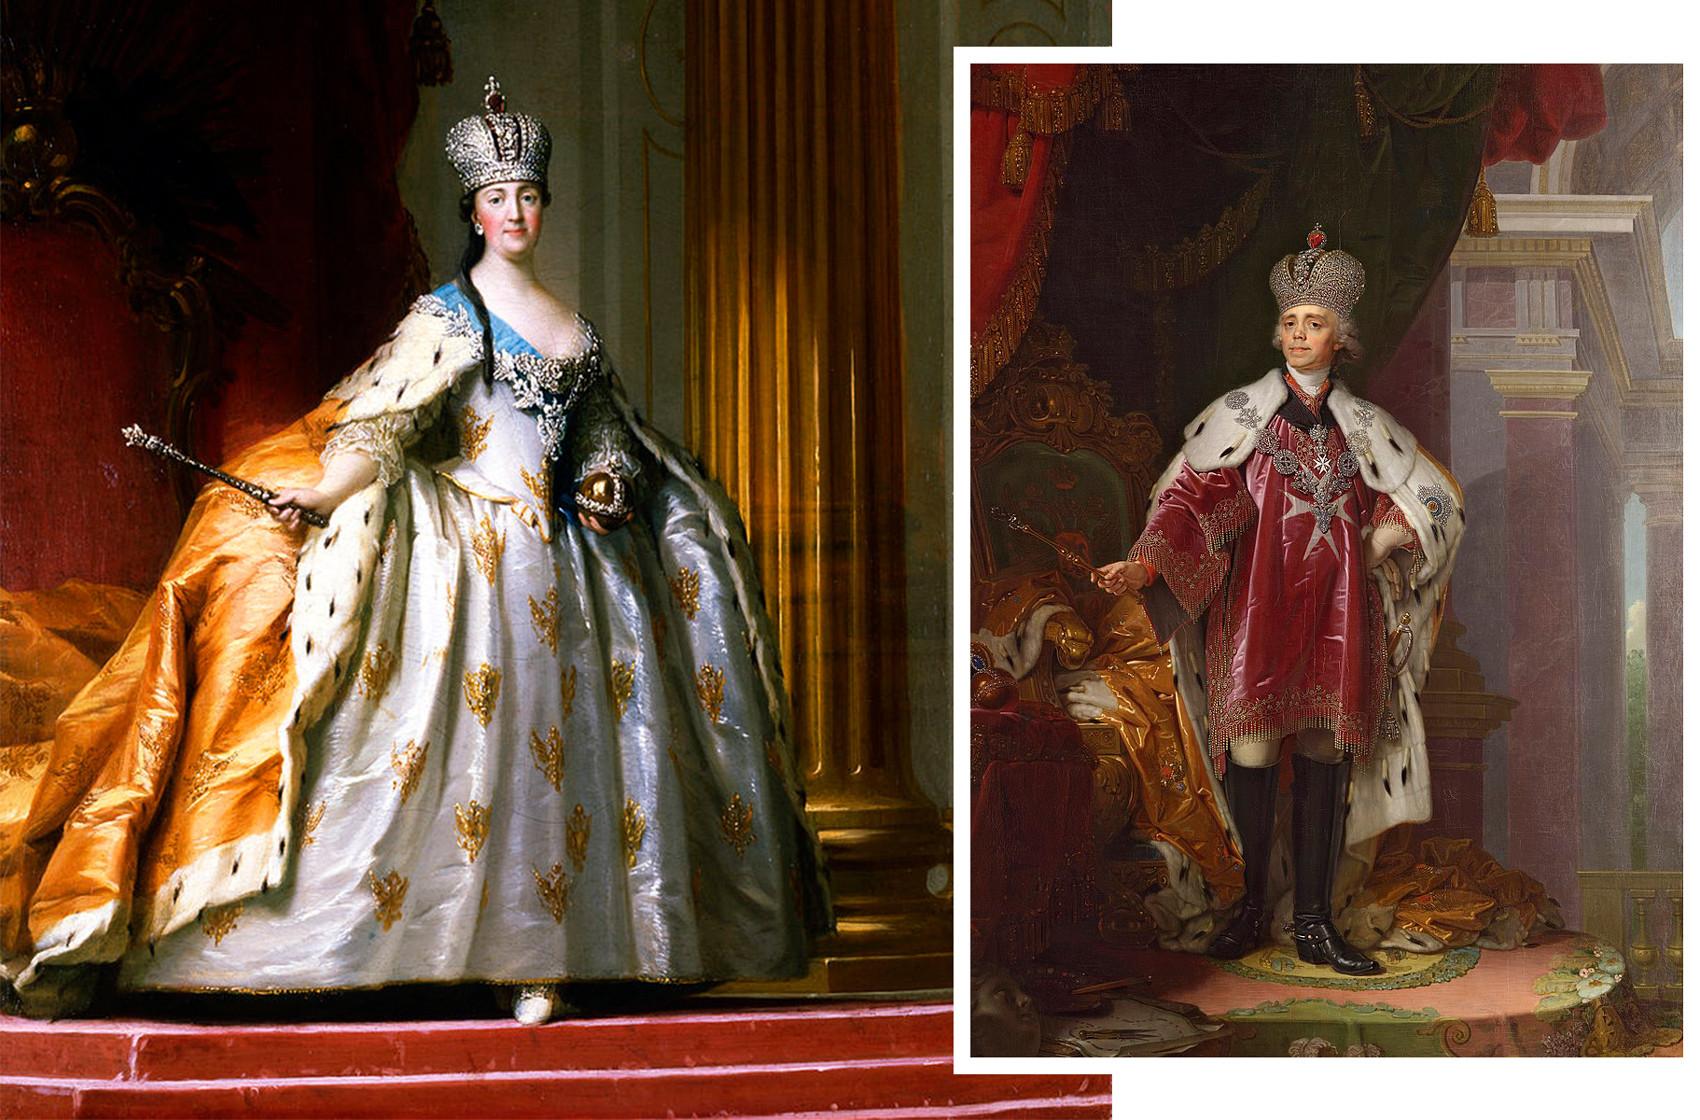 Emperatriz Catalina II de Rusia y emperador Pablo I de Rusia en la Gran Corona Imperial.